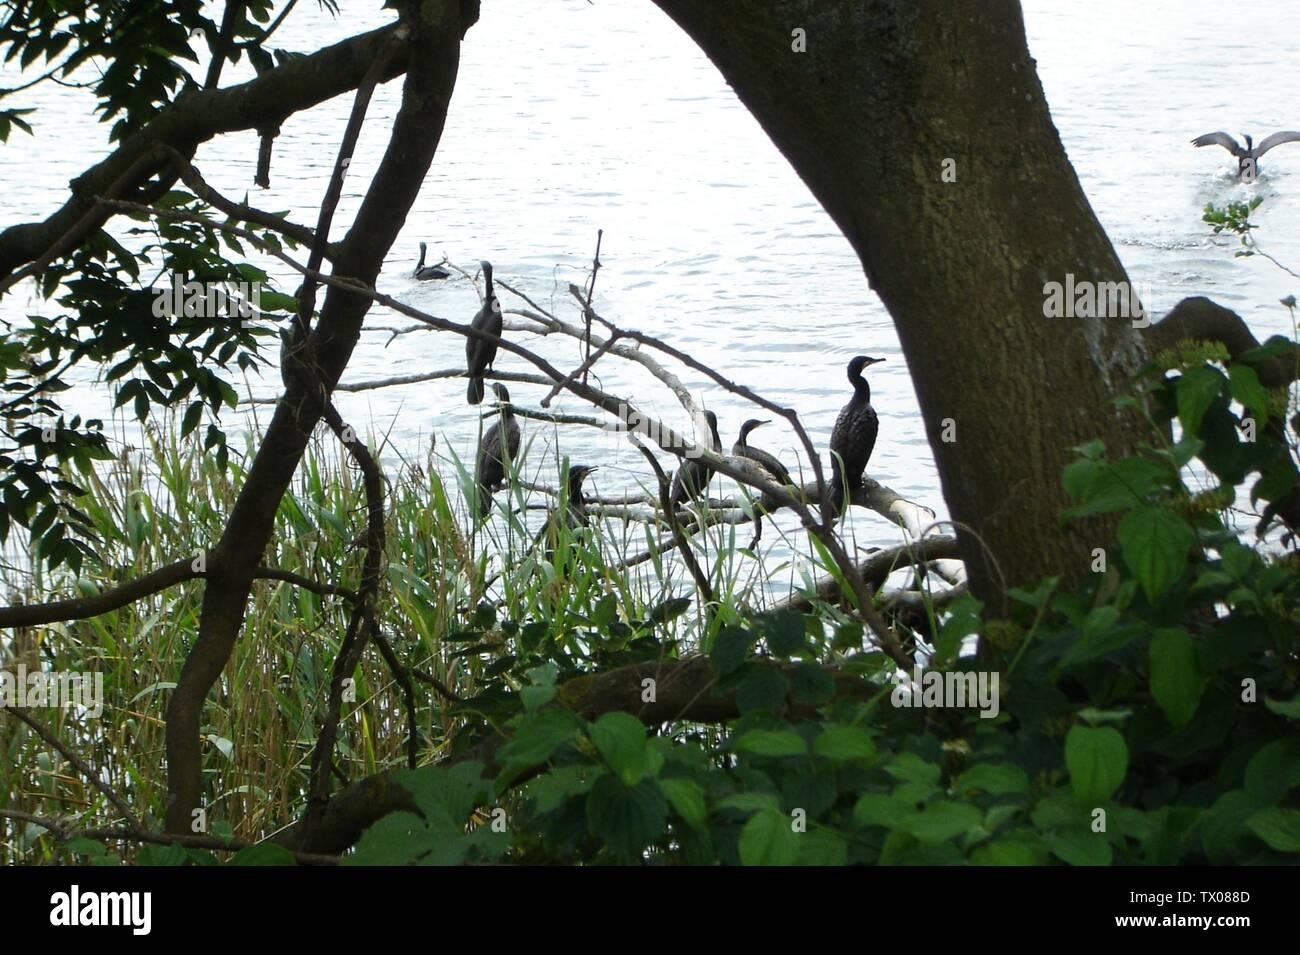 'Deutsch: Kormorane auf dem Bolzer See im gleichnamigen Naturschutzgebiet (Landkreis Parchim, Mecklenburg-Vorpommern).; 1 July 2010; Own work; Botaurus; ' - Stock Image